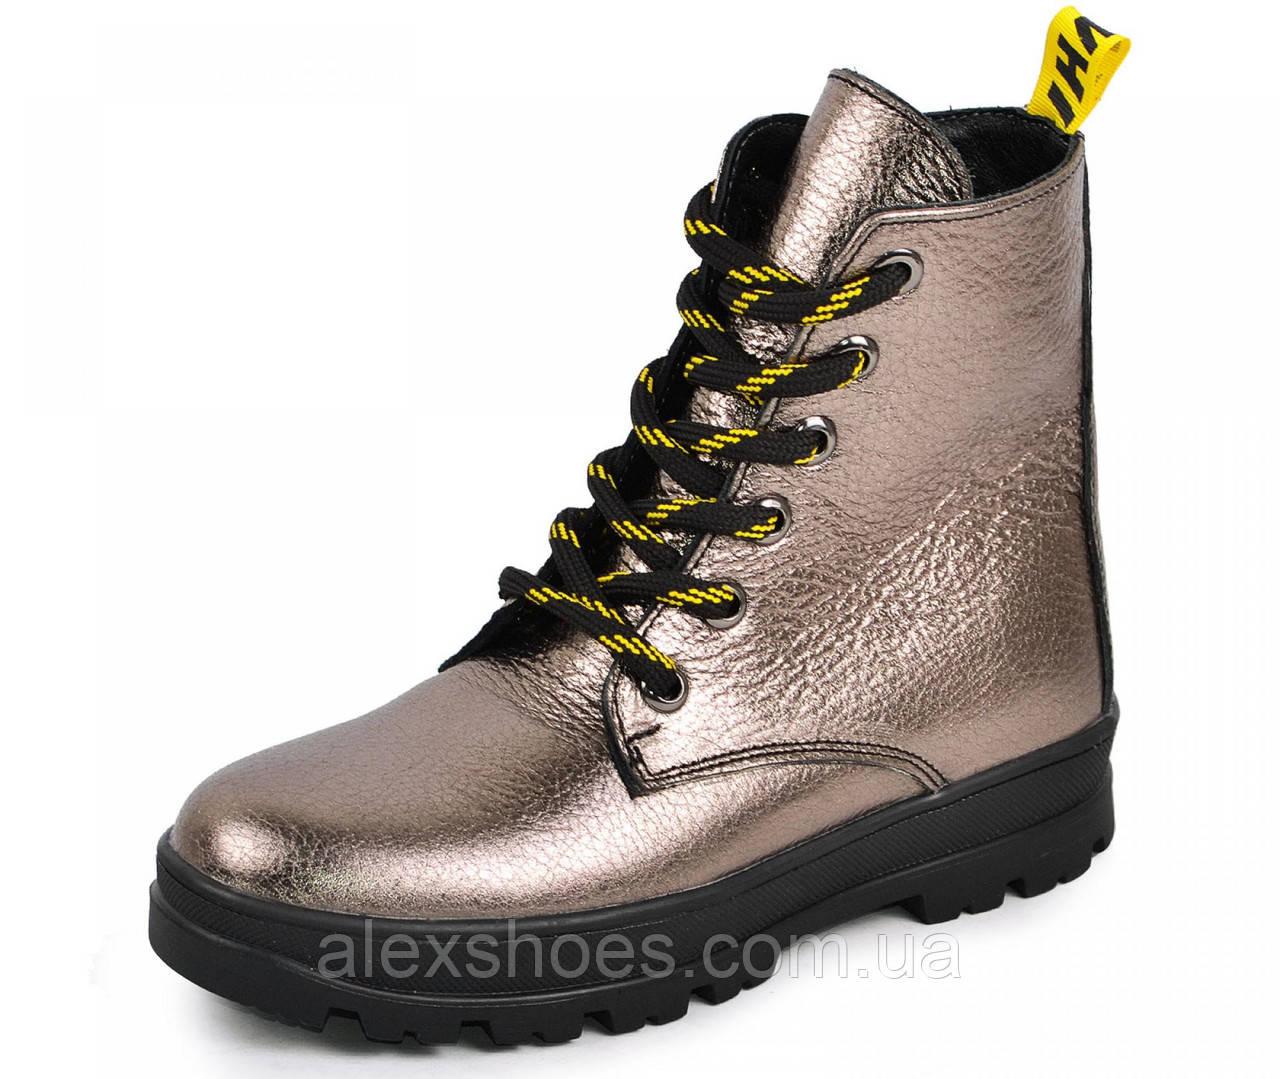 Ботинки подростковые для девочки из натуральной кожи от производителя модель МАК1575